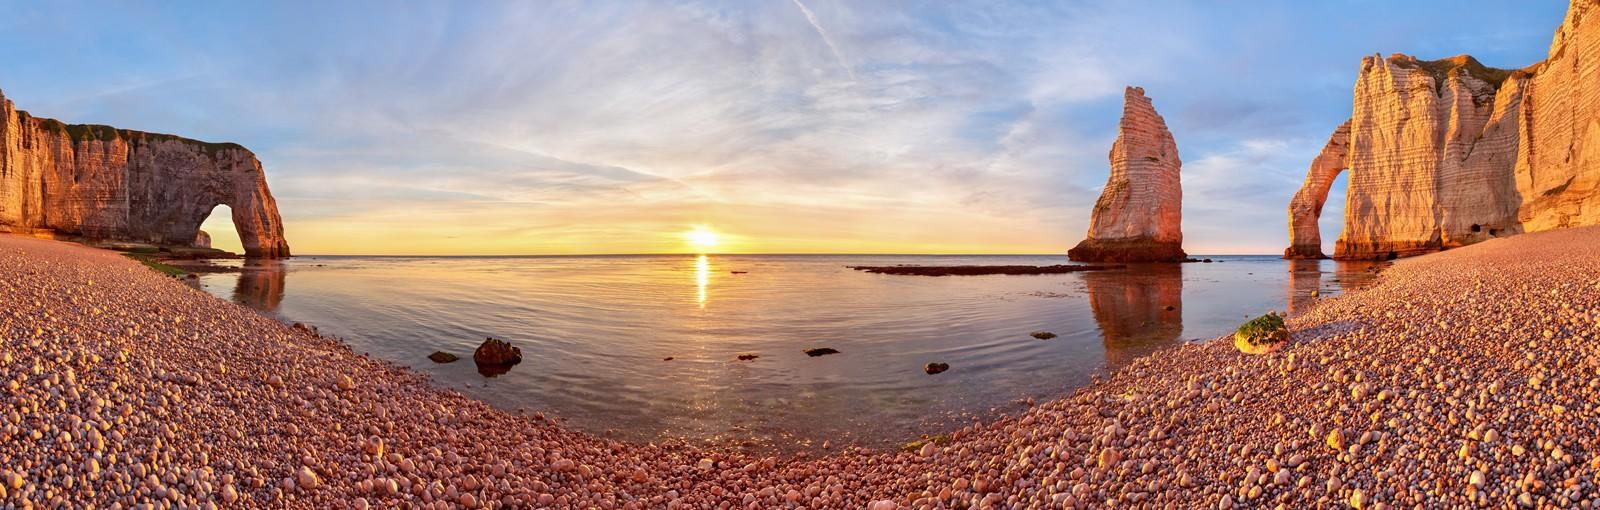 Sunset in Etretat